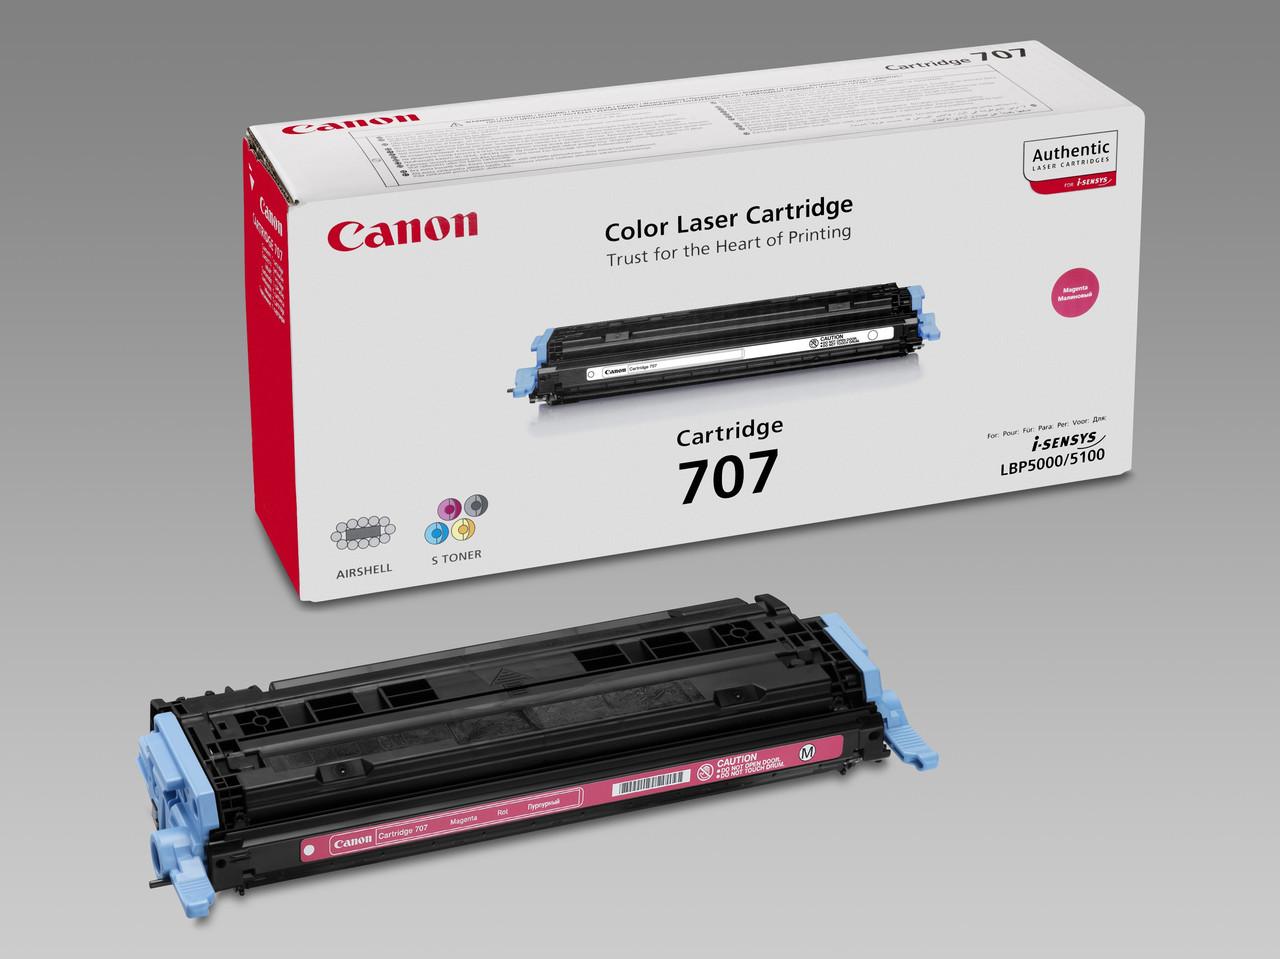 Заправка картриджа: Cartridge С-707Мangenta Для принтера:Canon LBP 5000